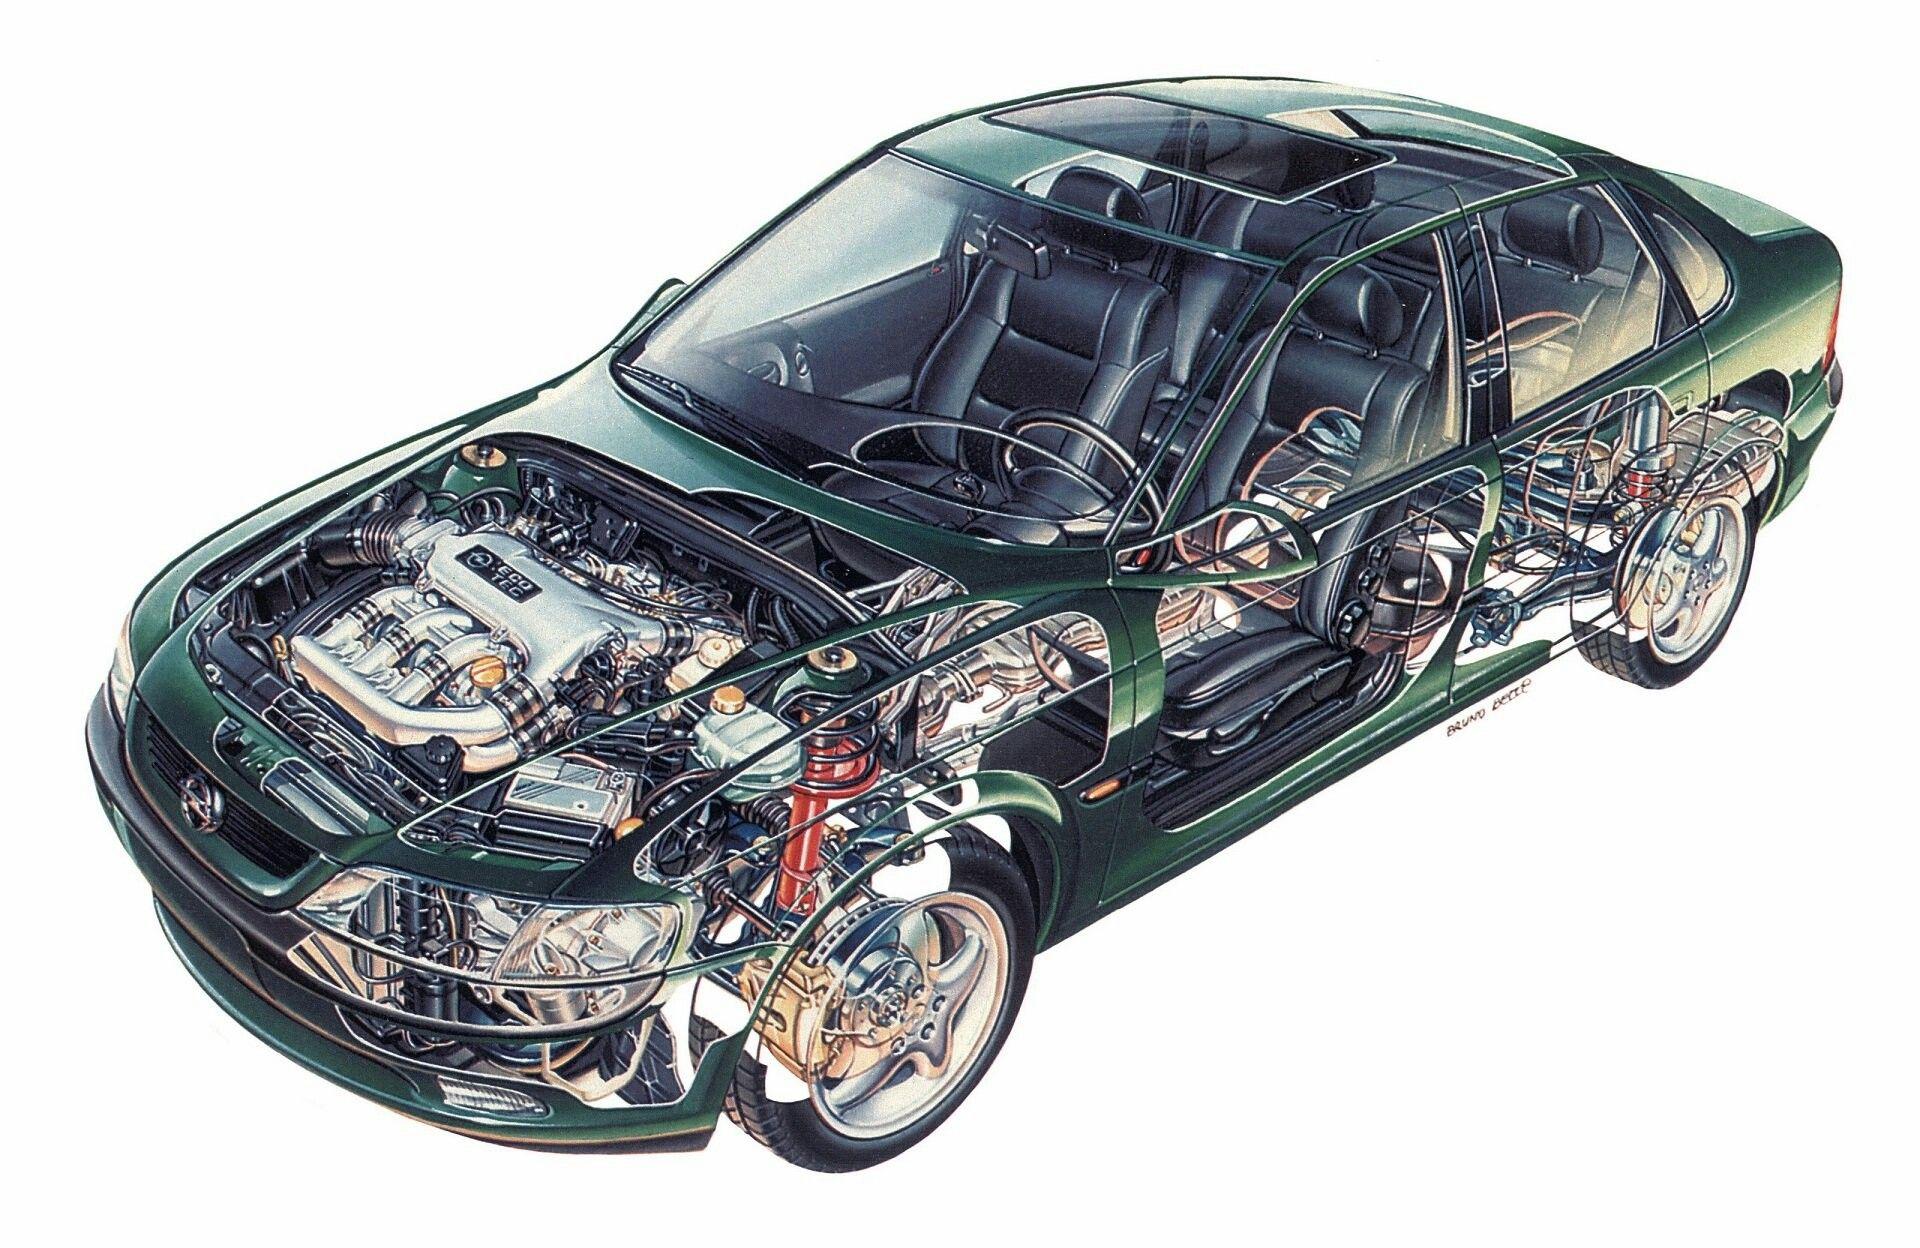 95er Opel Vectra Carros Chevette Auto